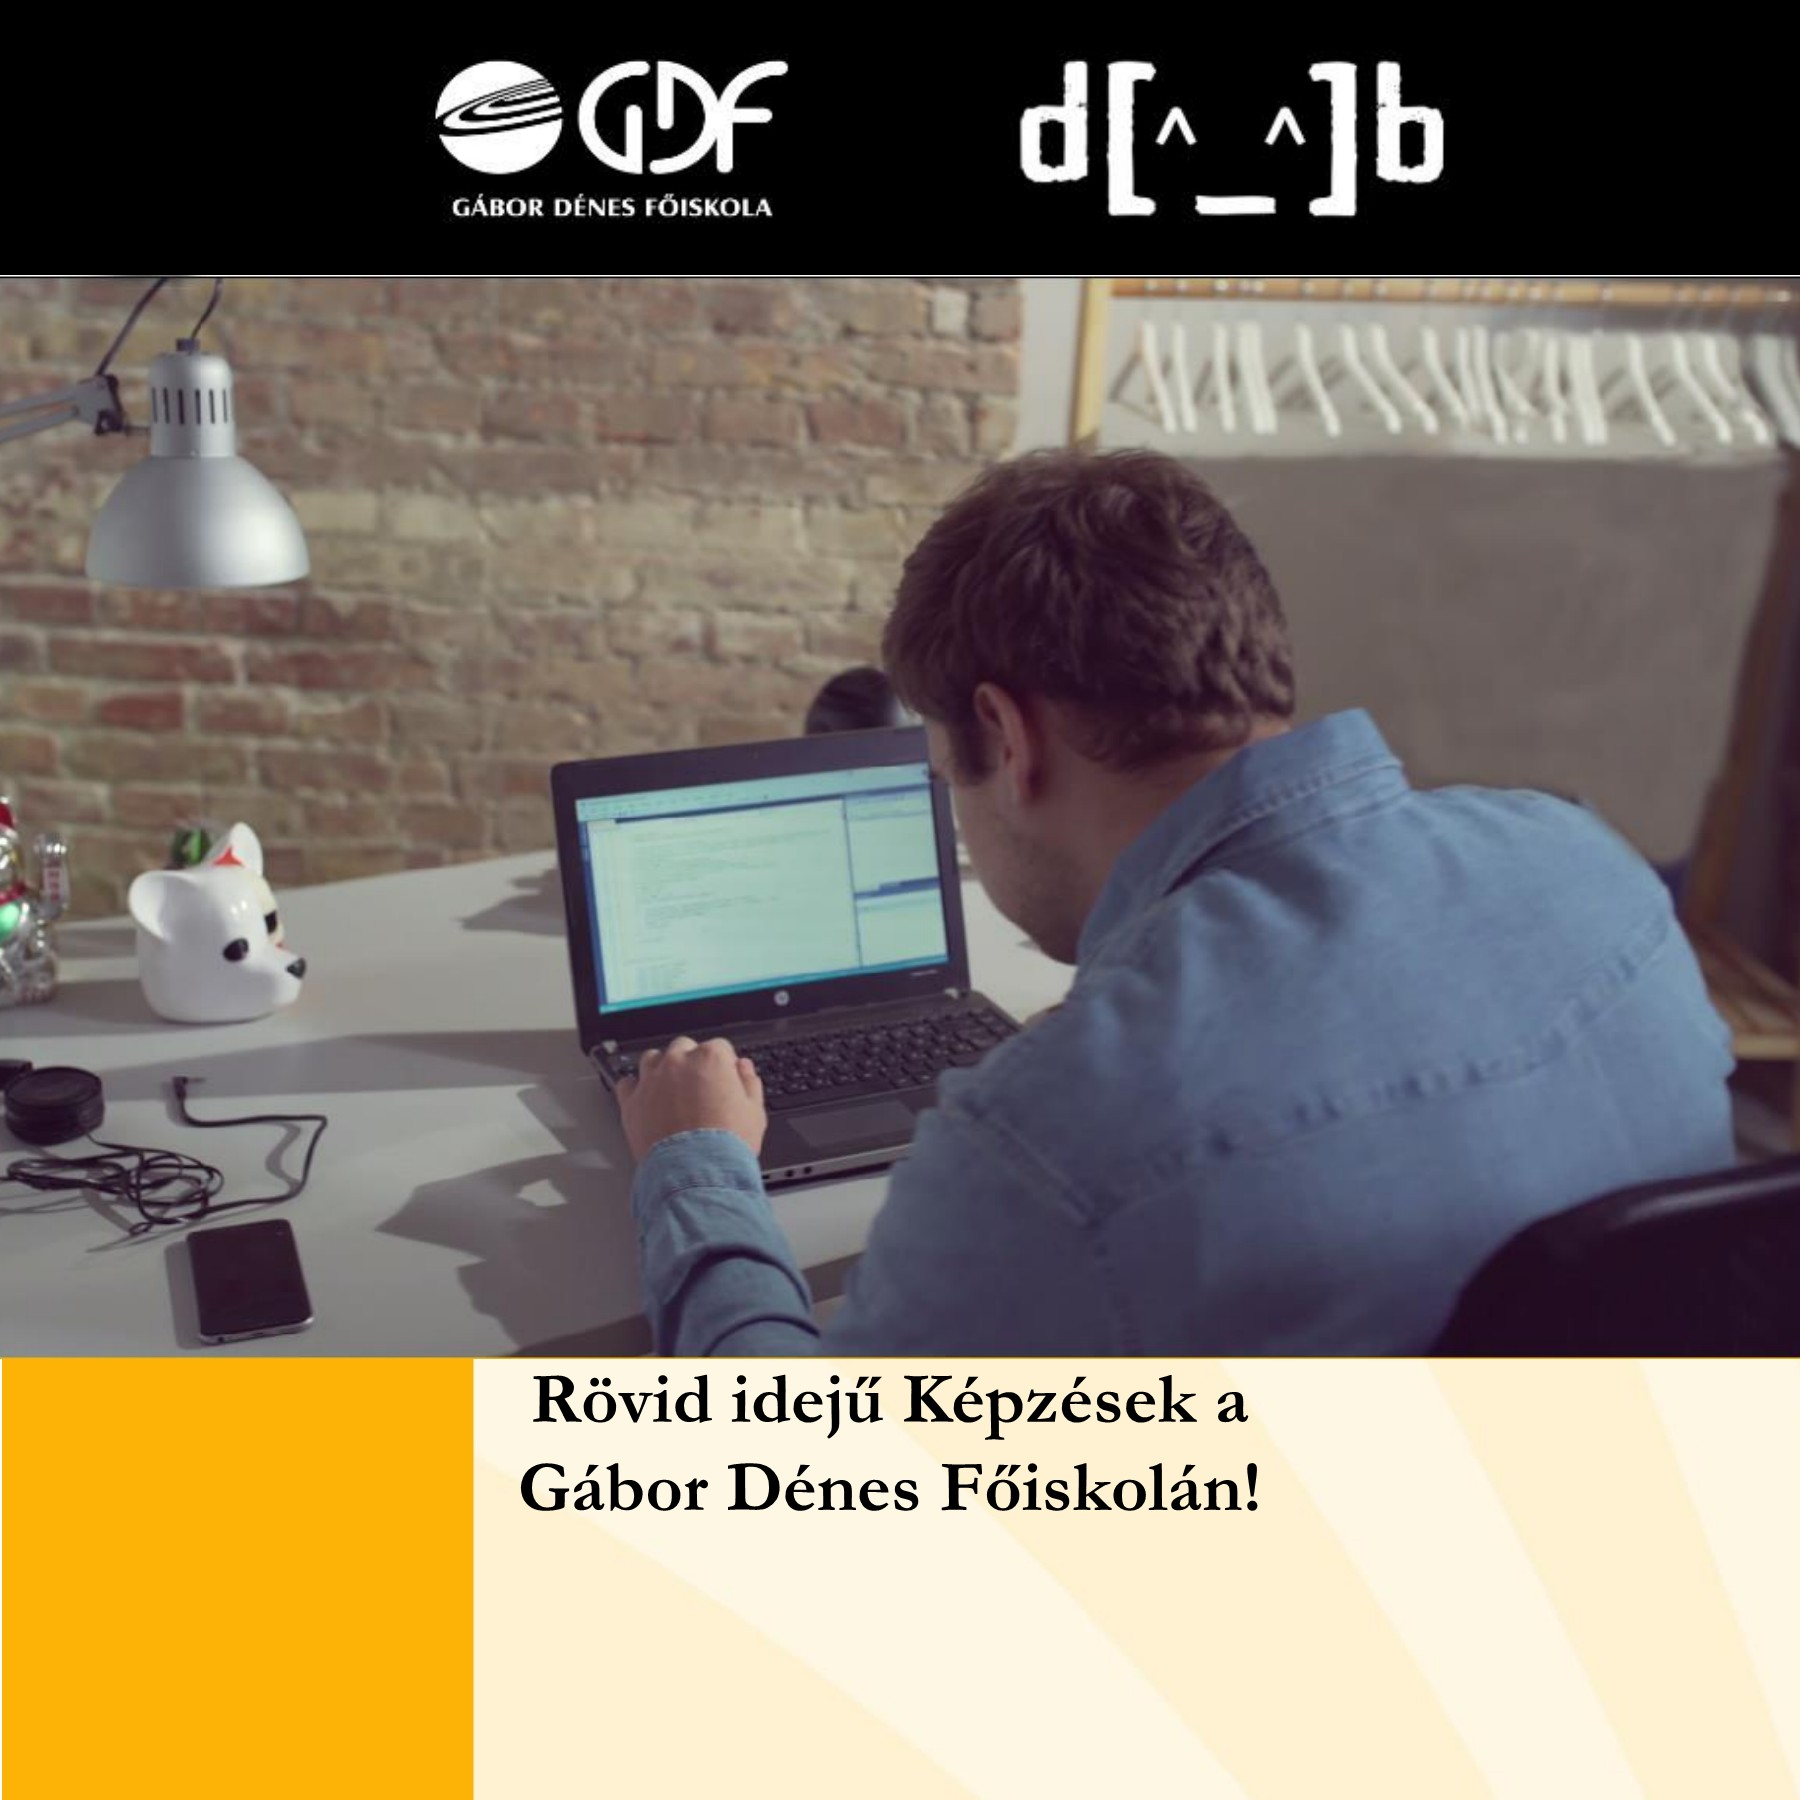 Szem képzés a látás helyreállításához